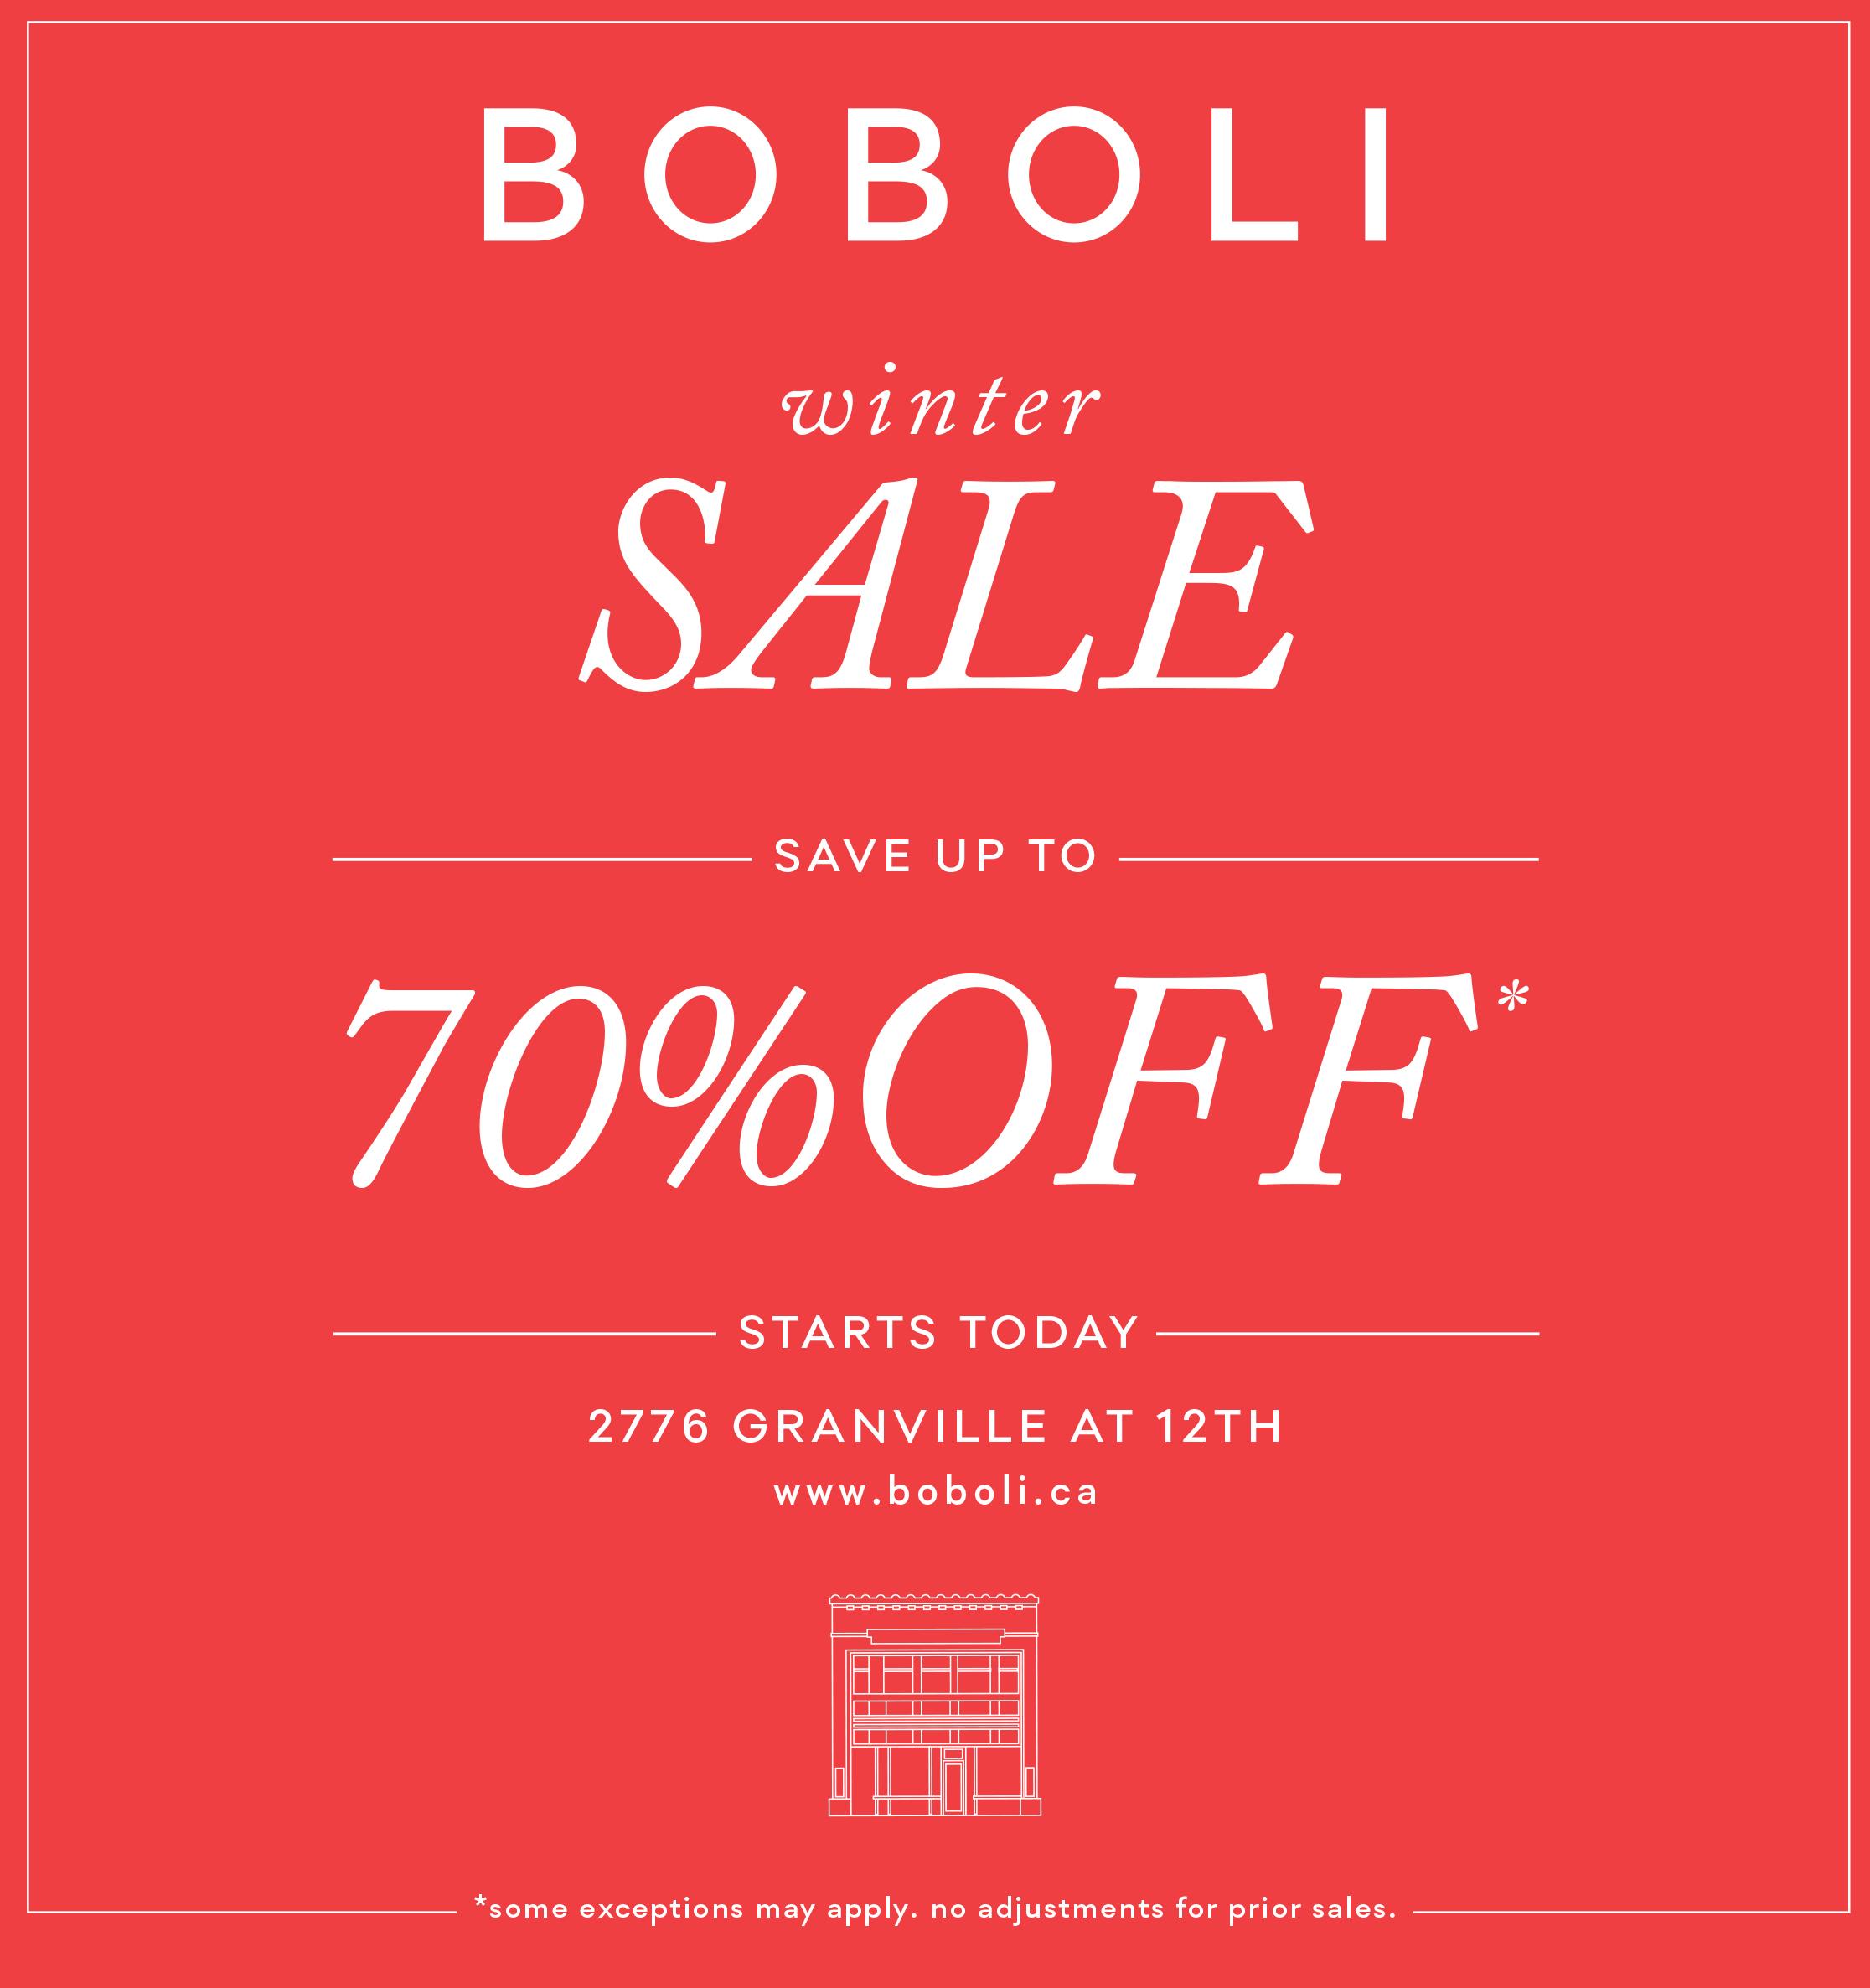 boboli-winter-sale-70.jpg